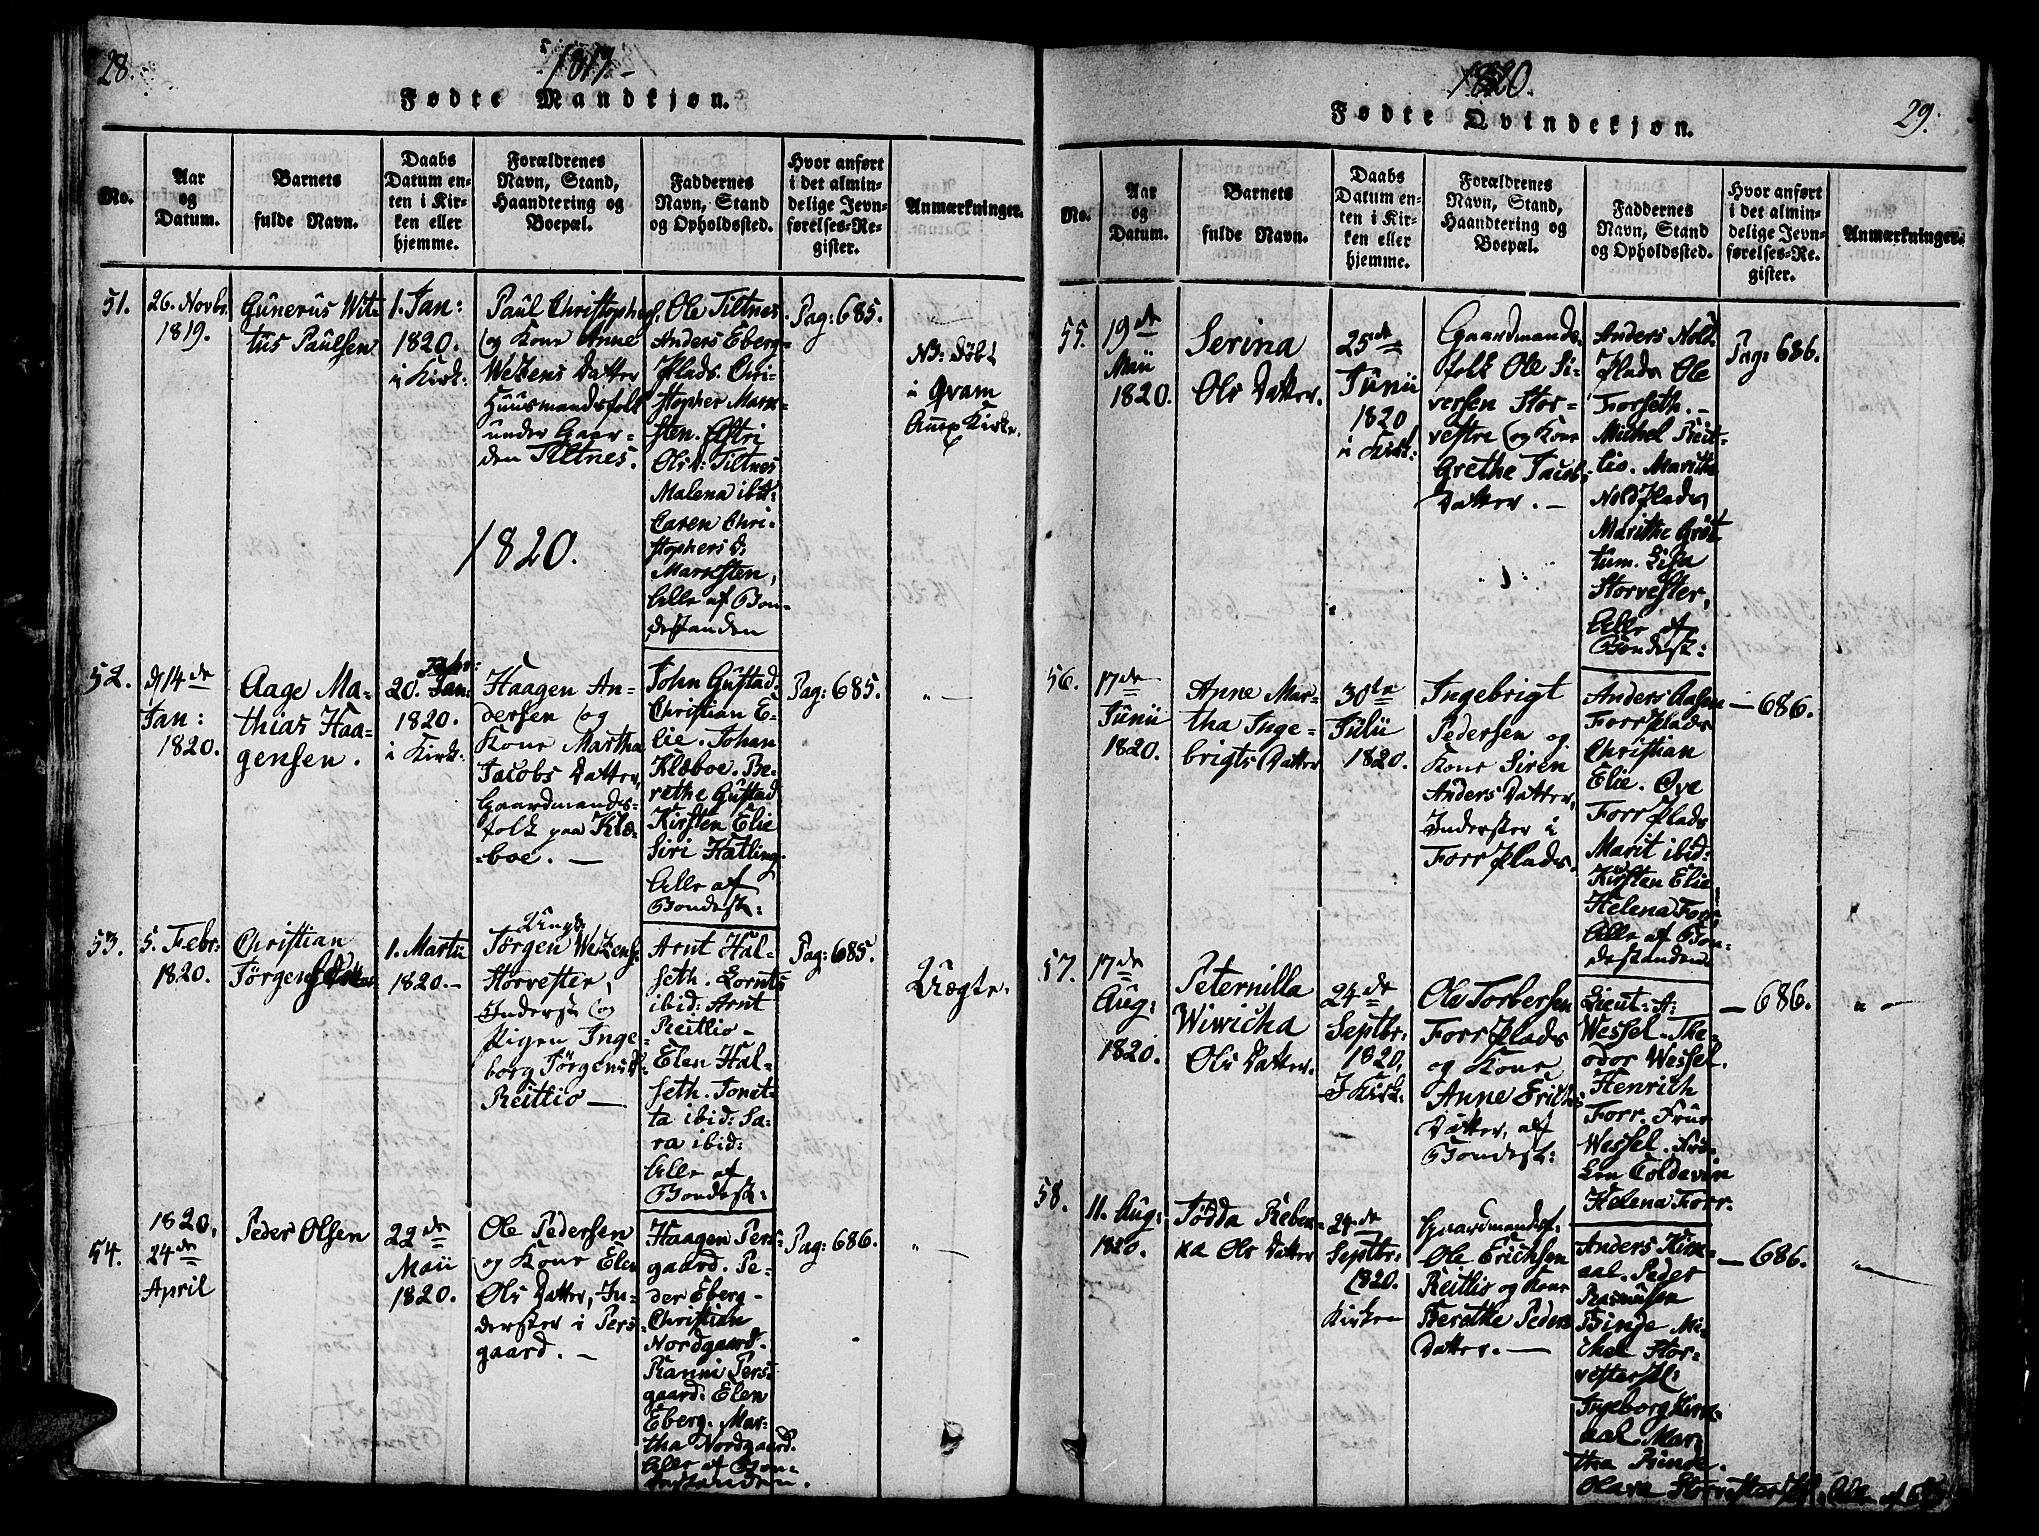 SAT, Ministerialprotokoller, klokkerbøker og fødselsregistre - Nord-Trøndelag, 746/L0441: Ministerialbok nr. 746A03 /1, 1816-1827, s. 28-29